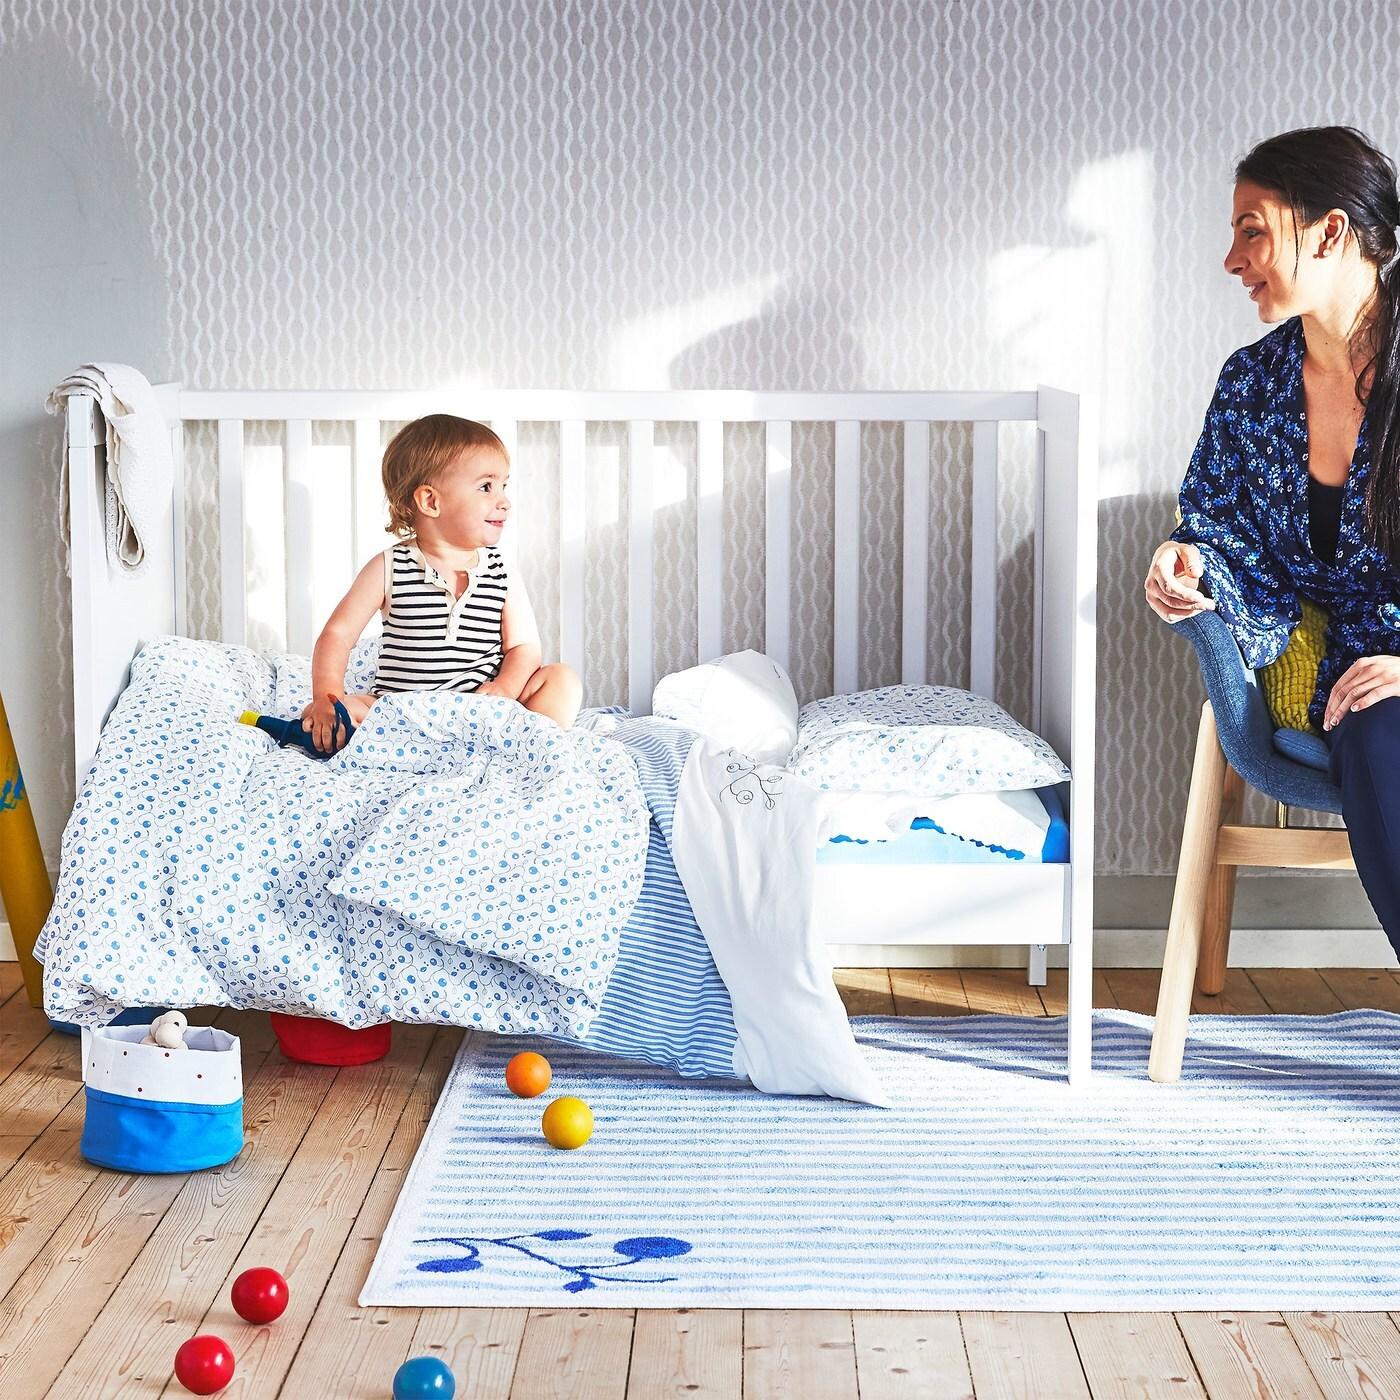 Une jeune femme observe un tout-petit assis dans son lit sur la literie GULSPARV en blanc et bleu. Au sol, un tapis GULSPARV.